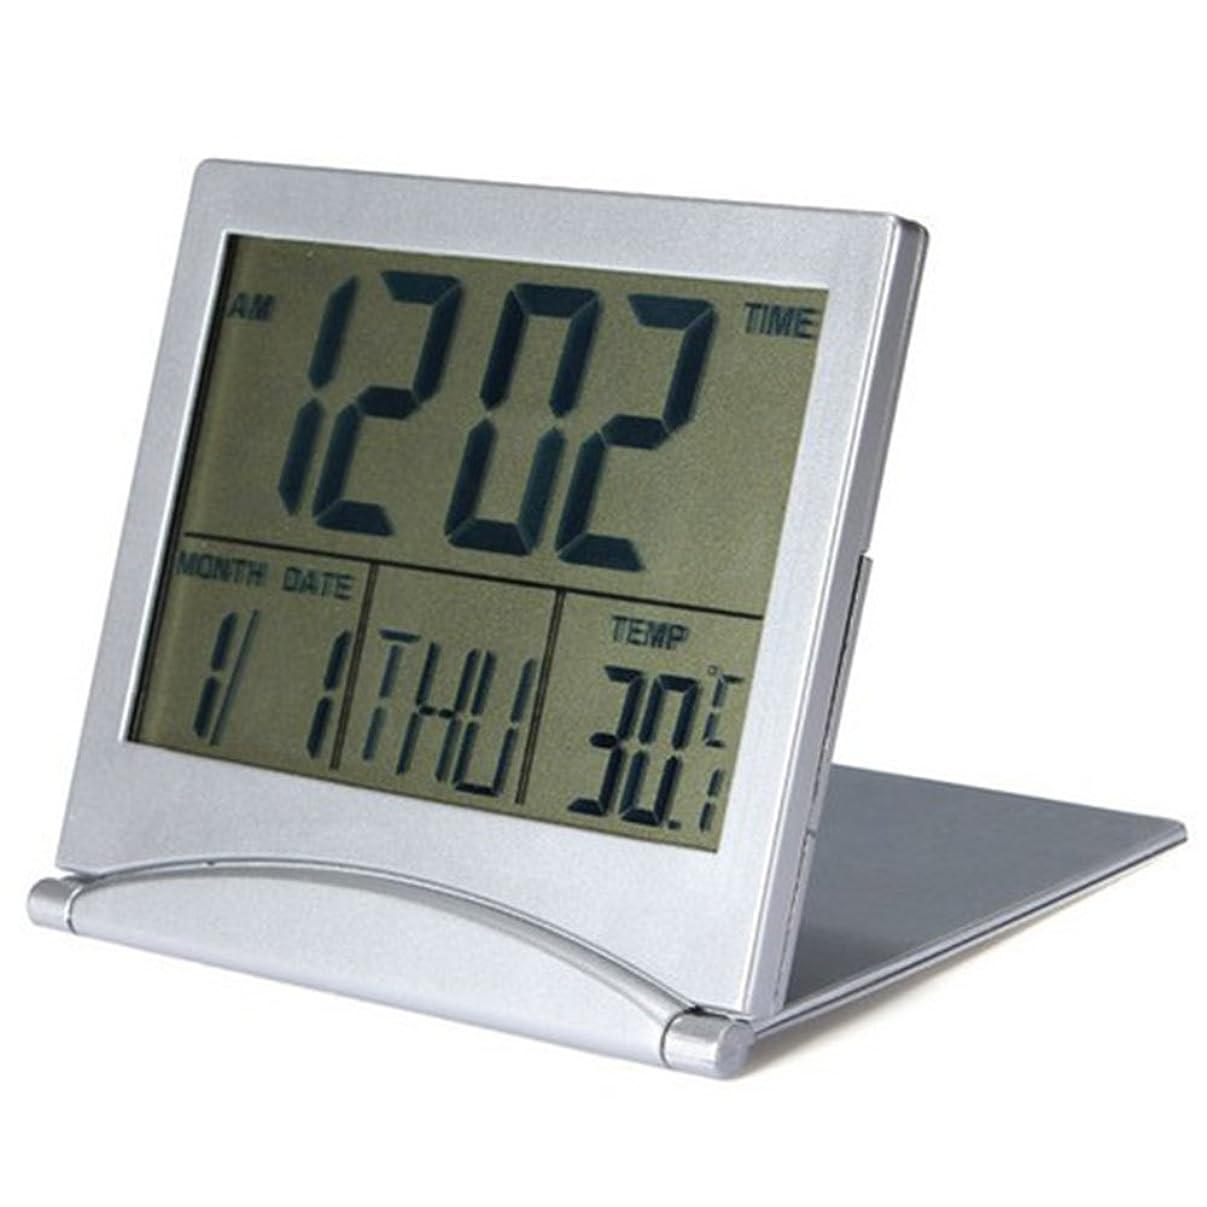 クマノミ主流宿命Zafina 目覚まし時計 置き時計 折り畳み式 LCD 折りたたみ式 置き時計 小型 時計?アラーム?カレンダー?温度表示 旅行グッズ